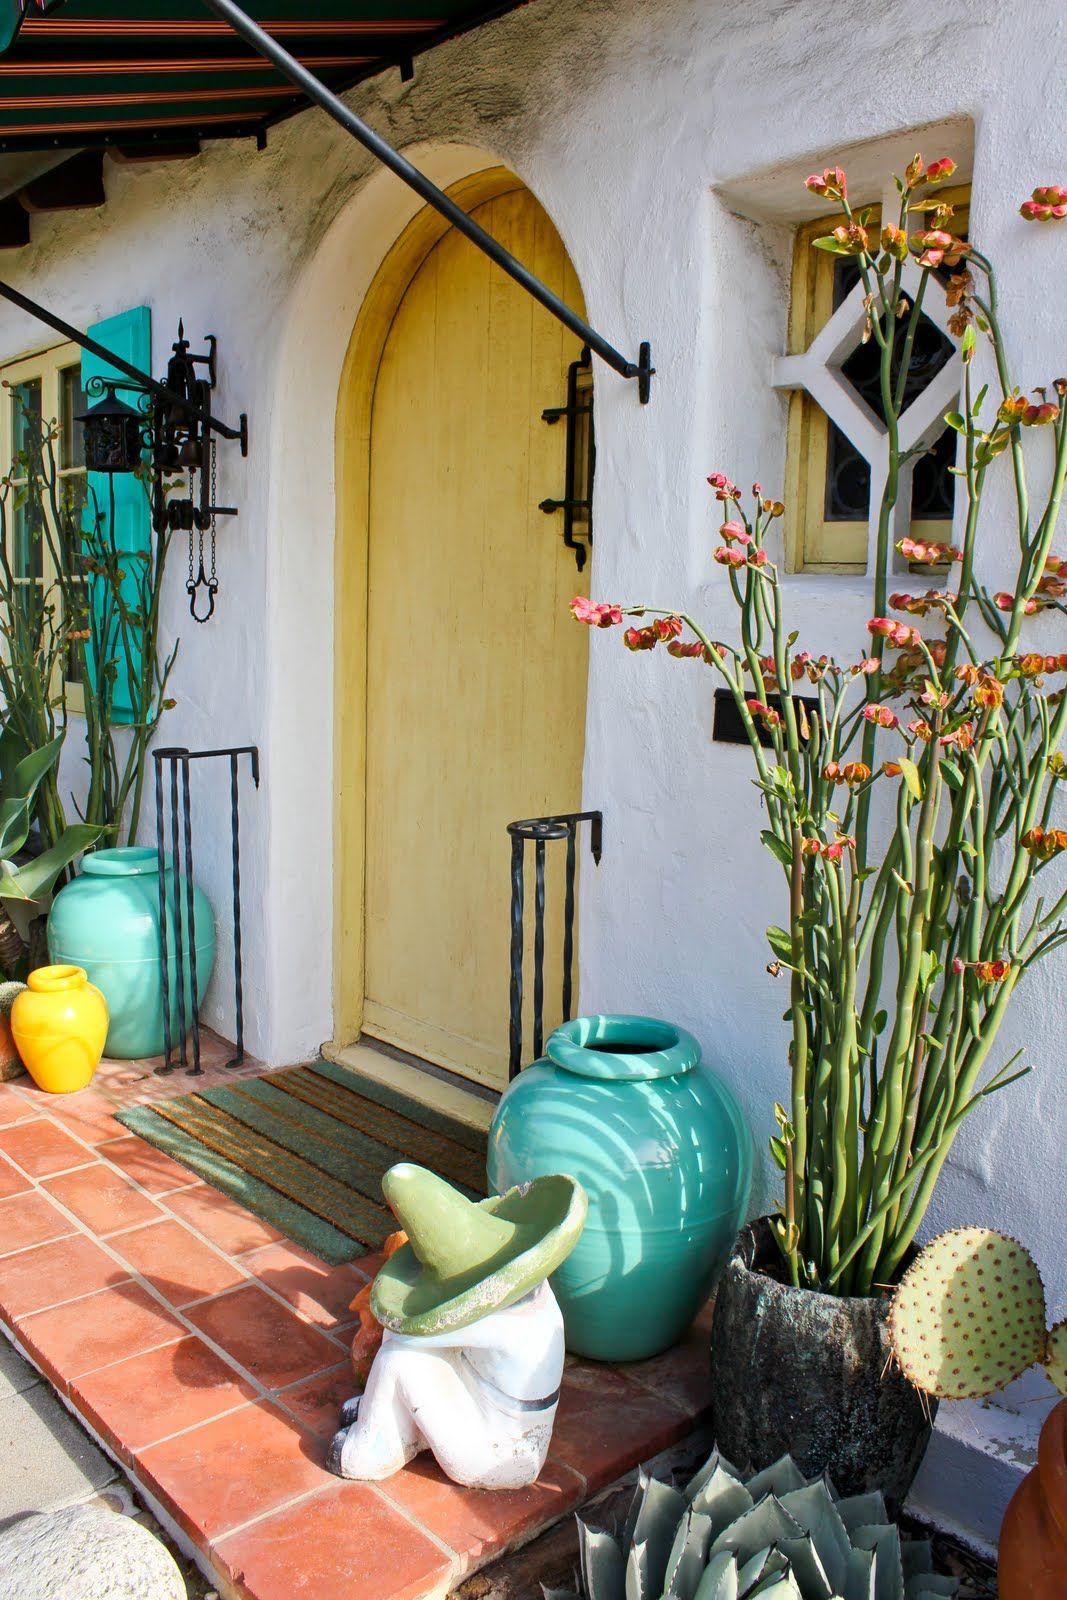 Pedilanthus bracteatus | Mexican garden, Mexican home ... on Mexican Backyard Decor  id=60734